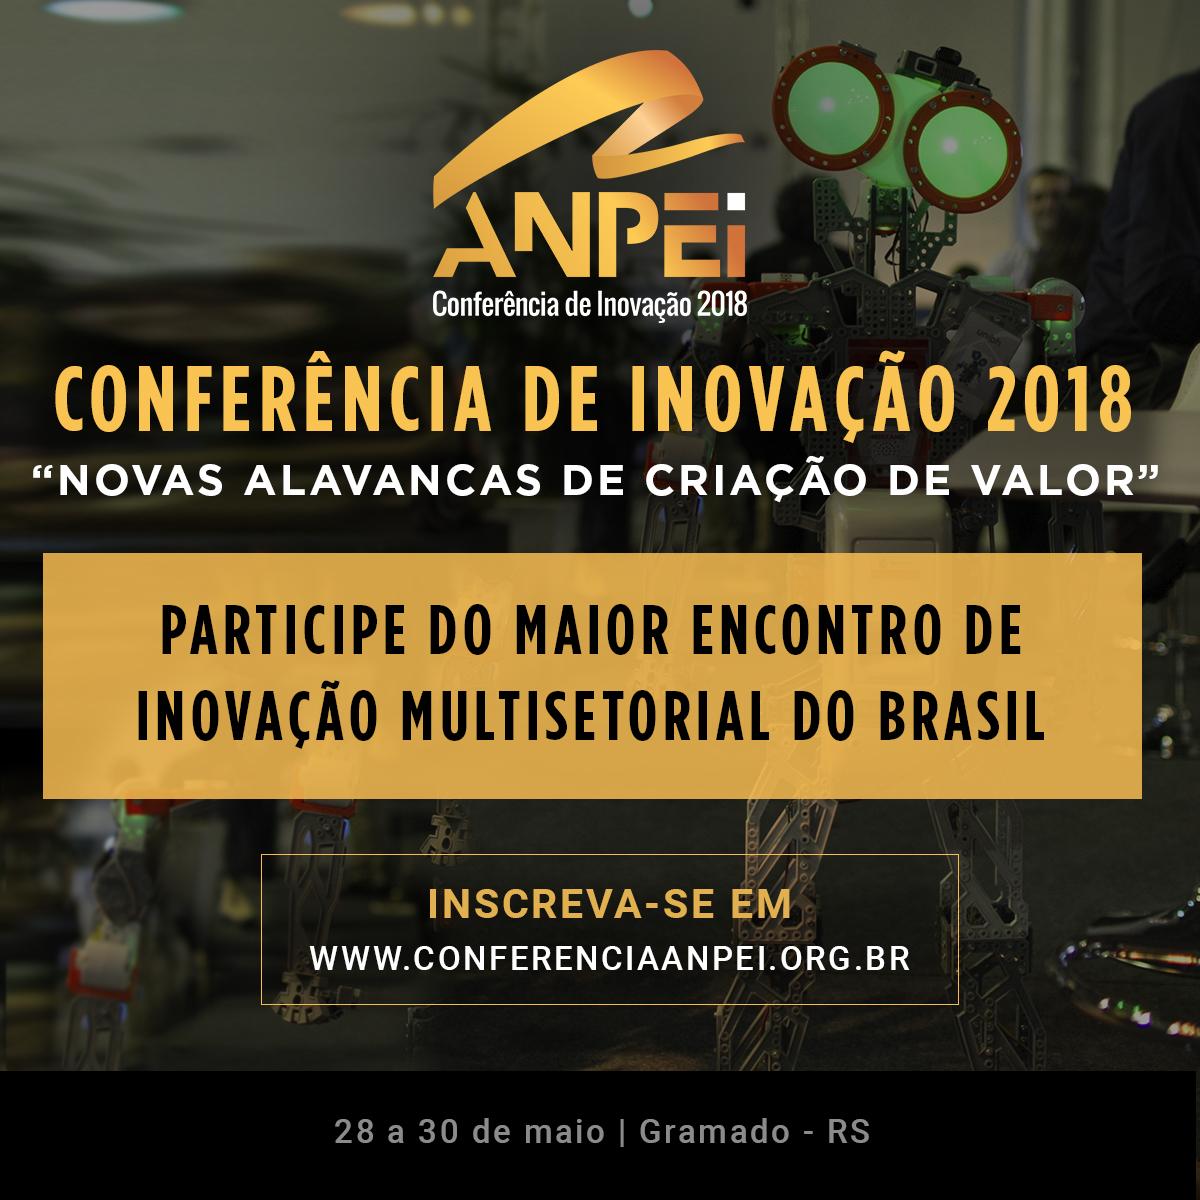 22c43ac67e06 Estão abertas as inscrições para a Conferência Anpei de Inovação 2018